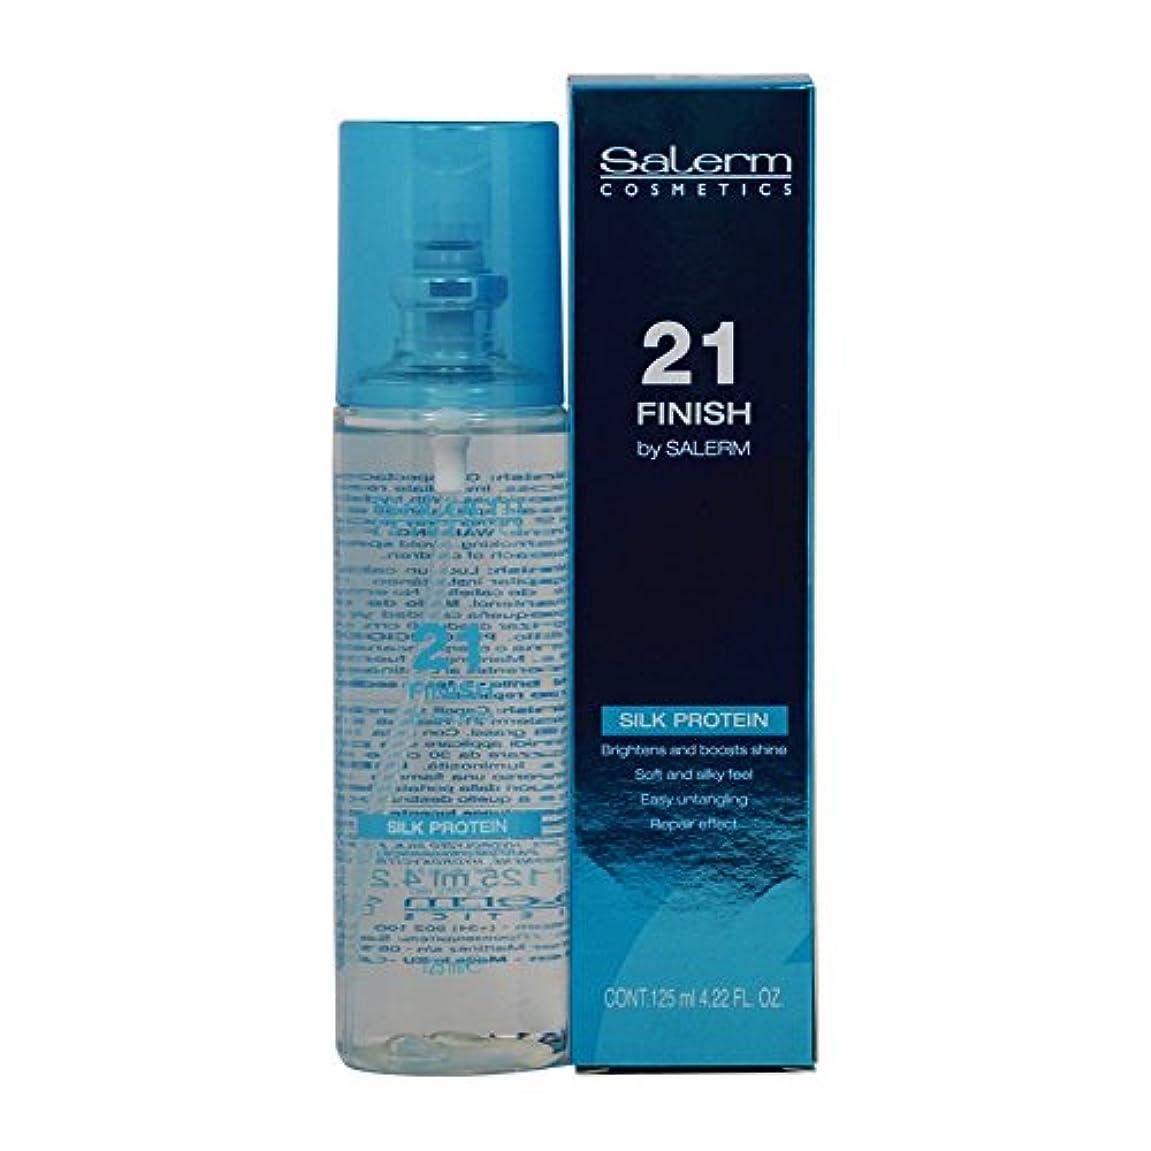 無駄だ危険偏見Salerm 21完了絹タンパク質4.22オンススプレー 4.22液量オンス